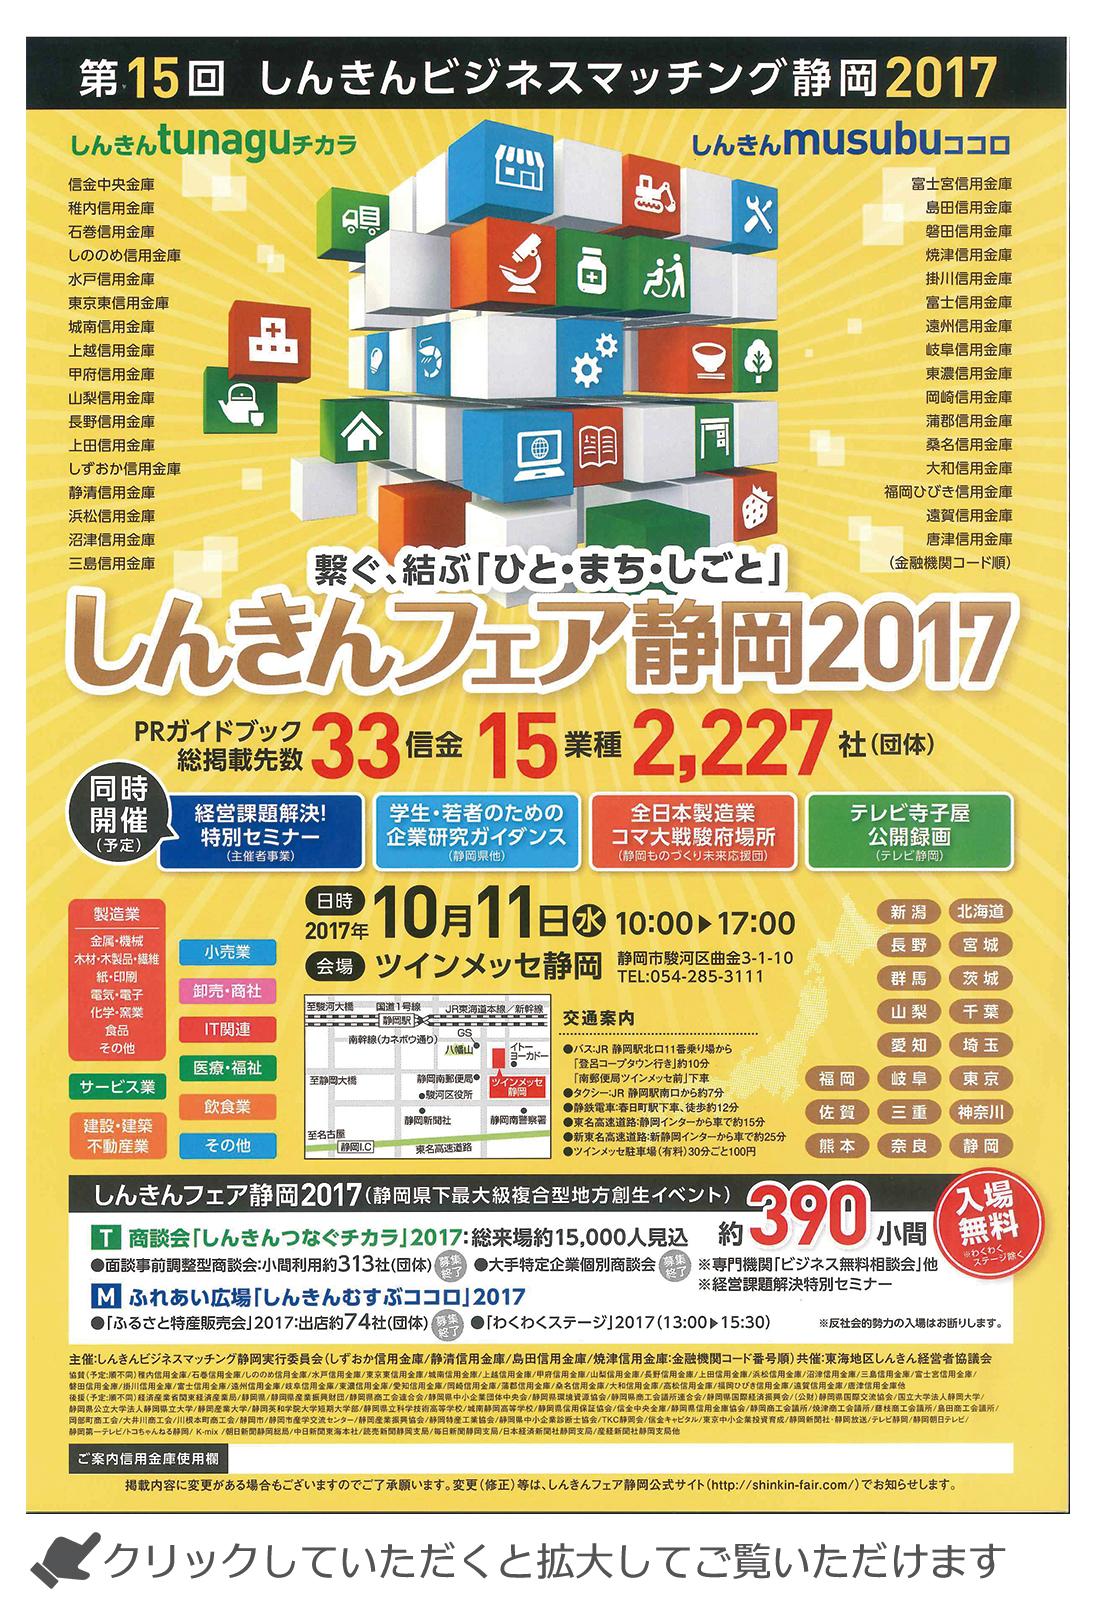 しんきんビジネスマッチングin静岡_2017